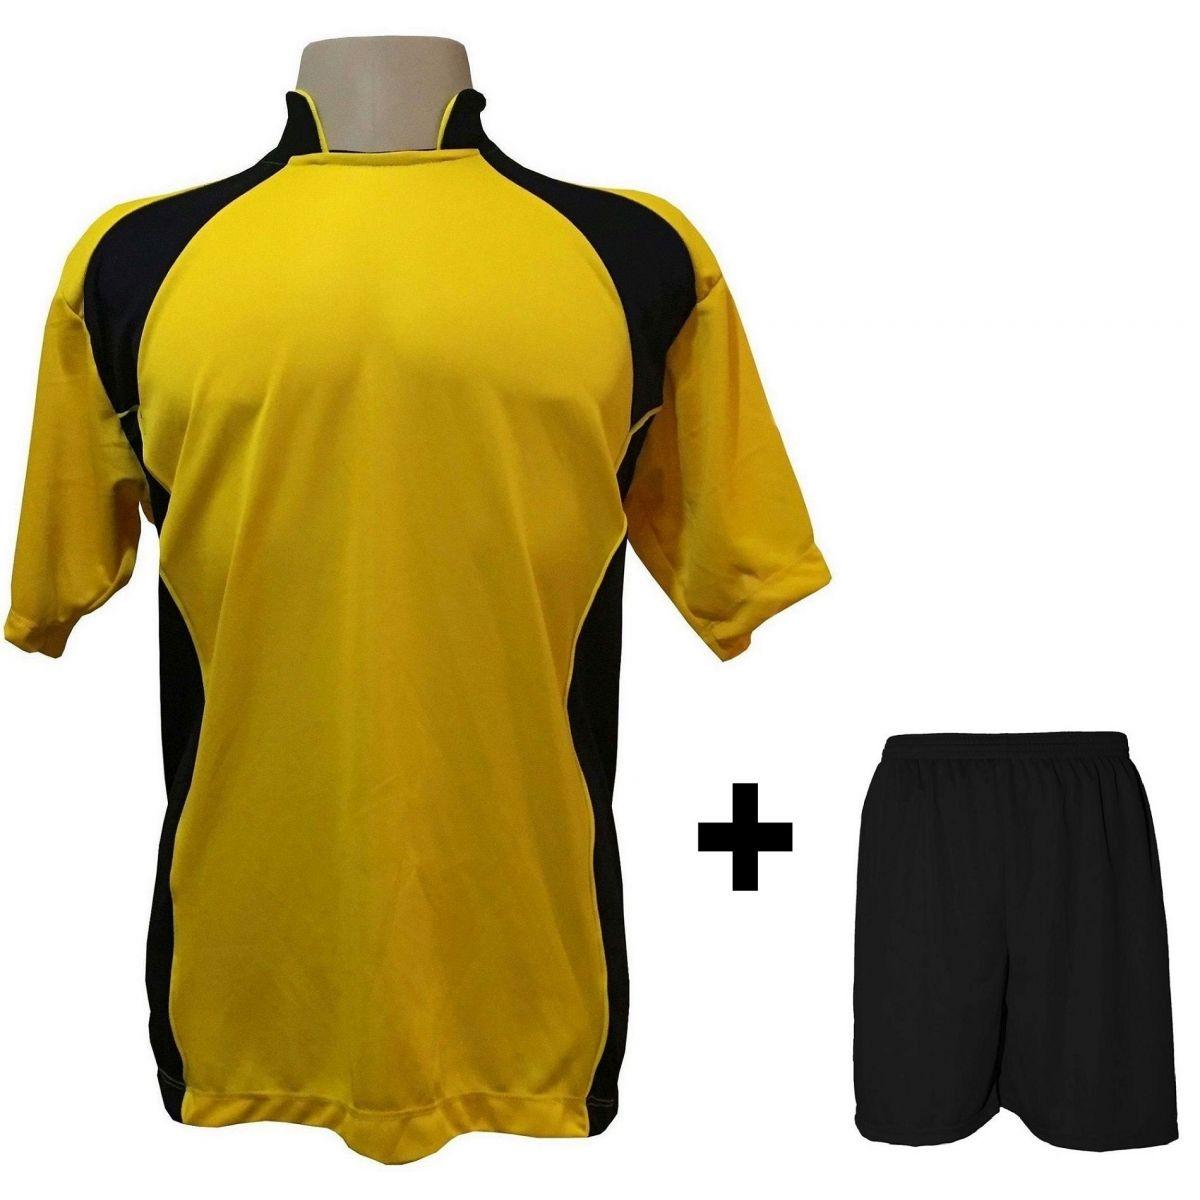 d901802bdf Uniforme Esportivo com 14 camisas modelo Suécia Amarelo Preto + 14 calções  modelo Madrid + ...